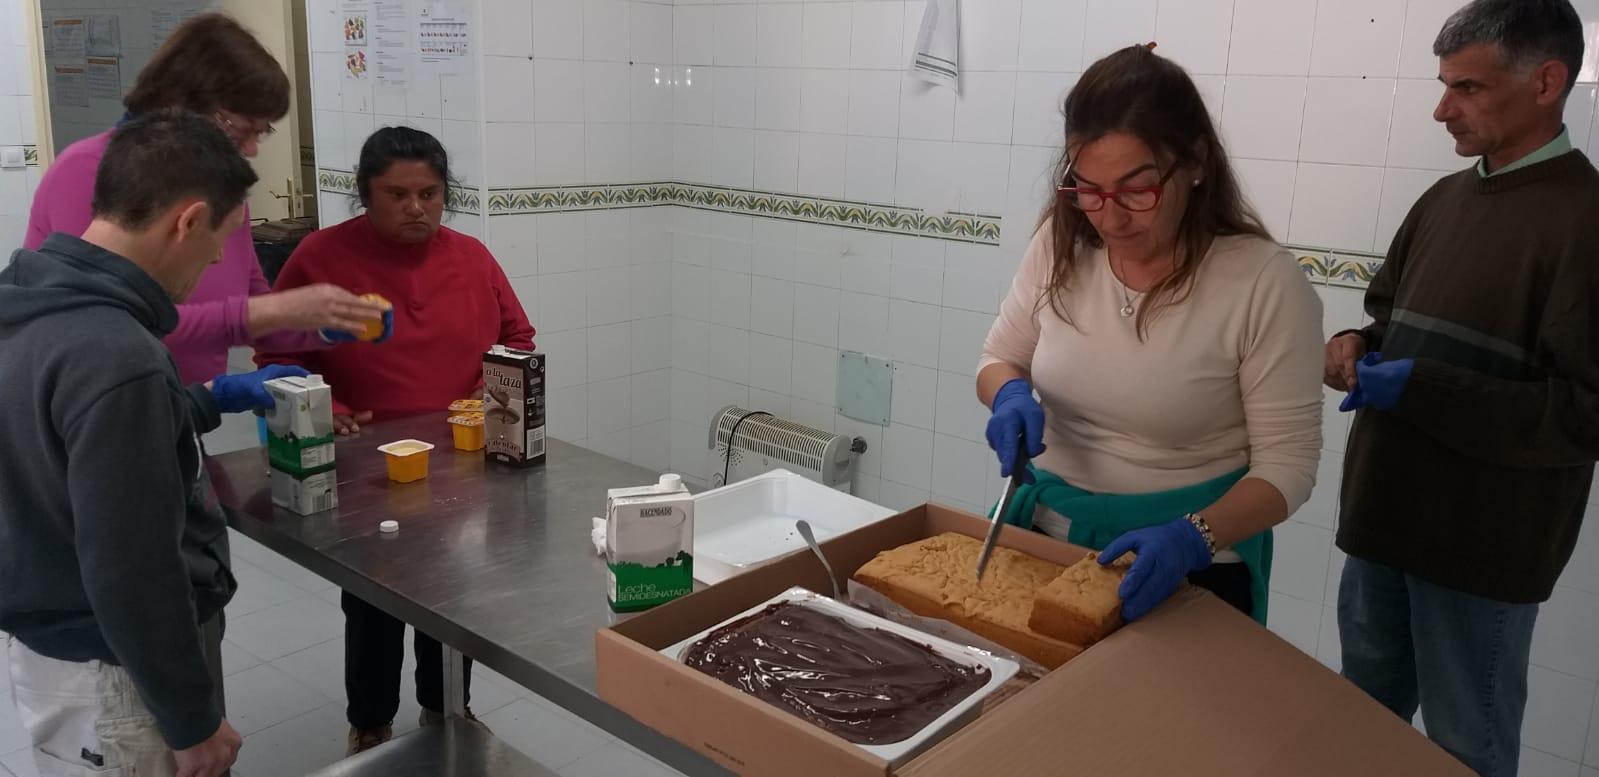 El taller de postres, una excusa per menjar dolç